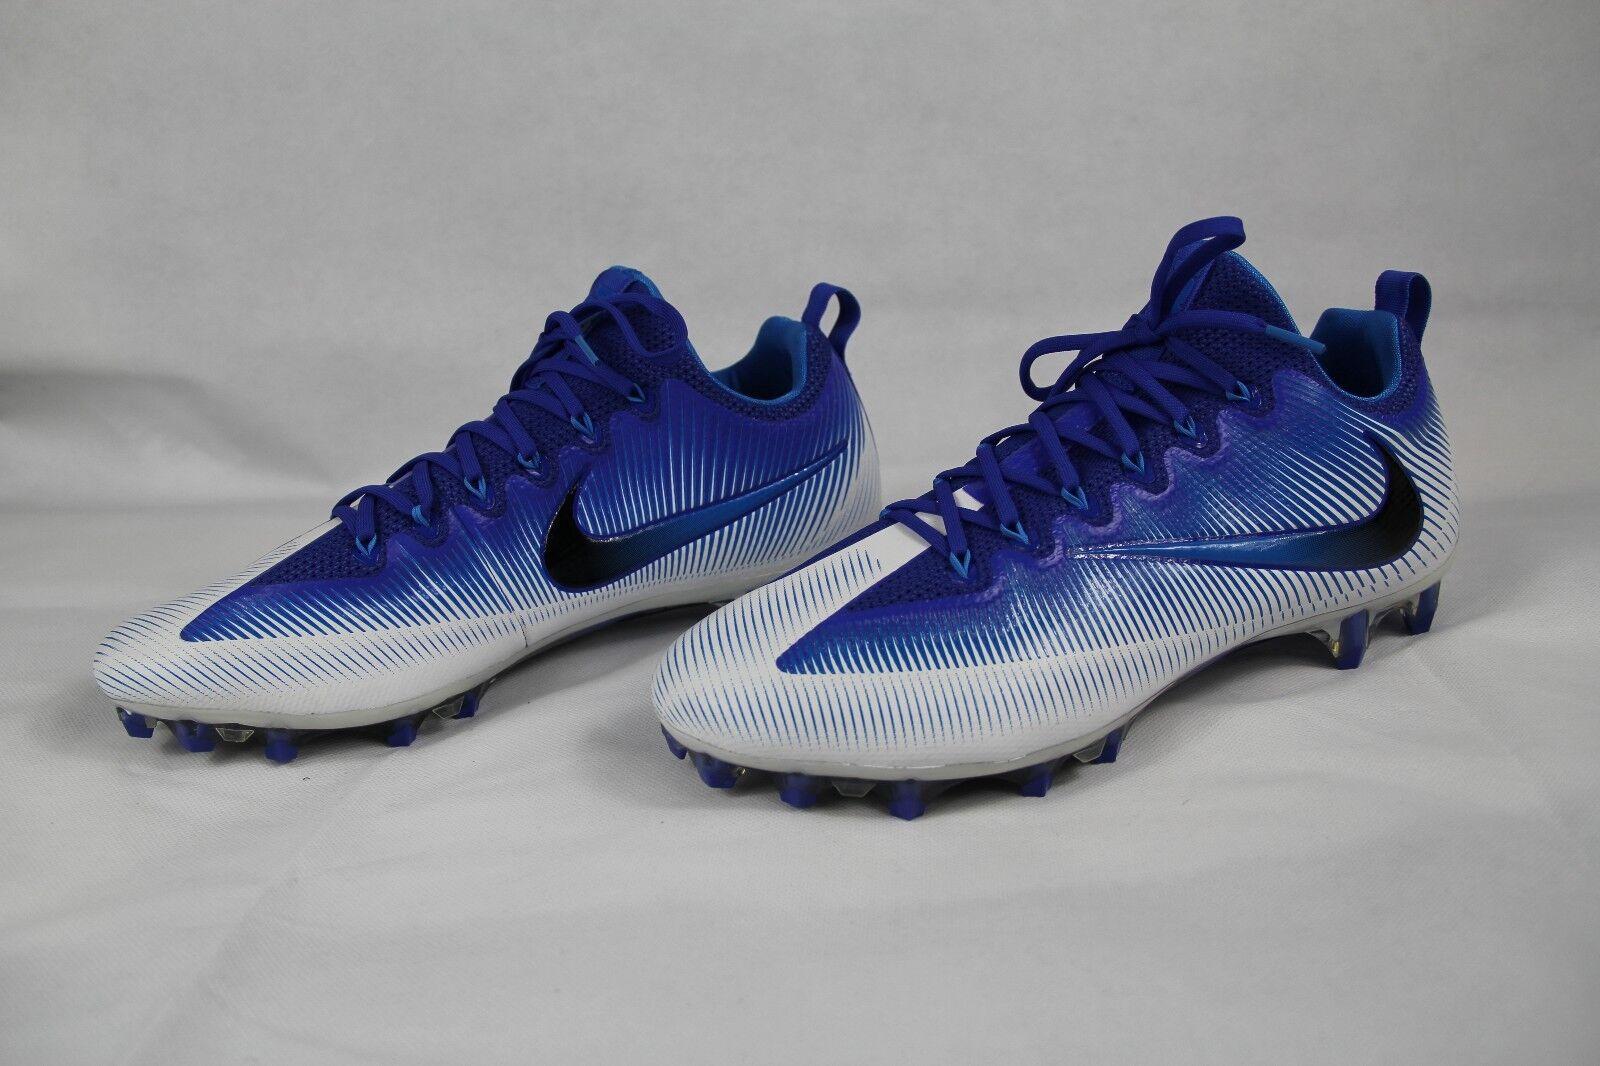 d0d922477 NIKE VAPOR UNTOUCHABLE PRO blueee White Men s Football Cleats 833385-400  Size 14